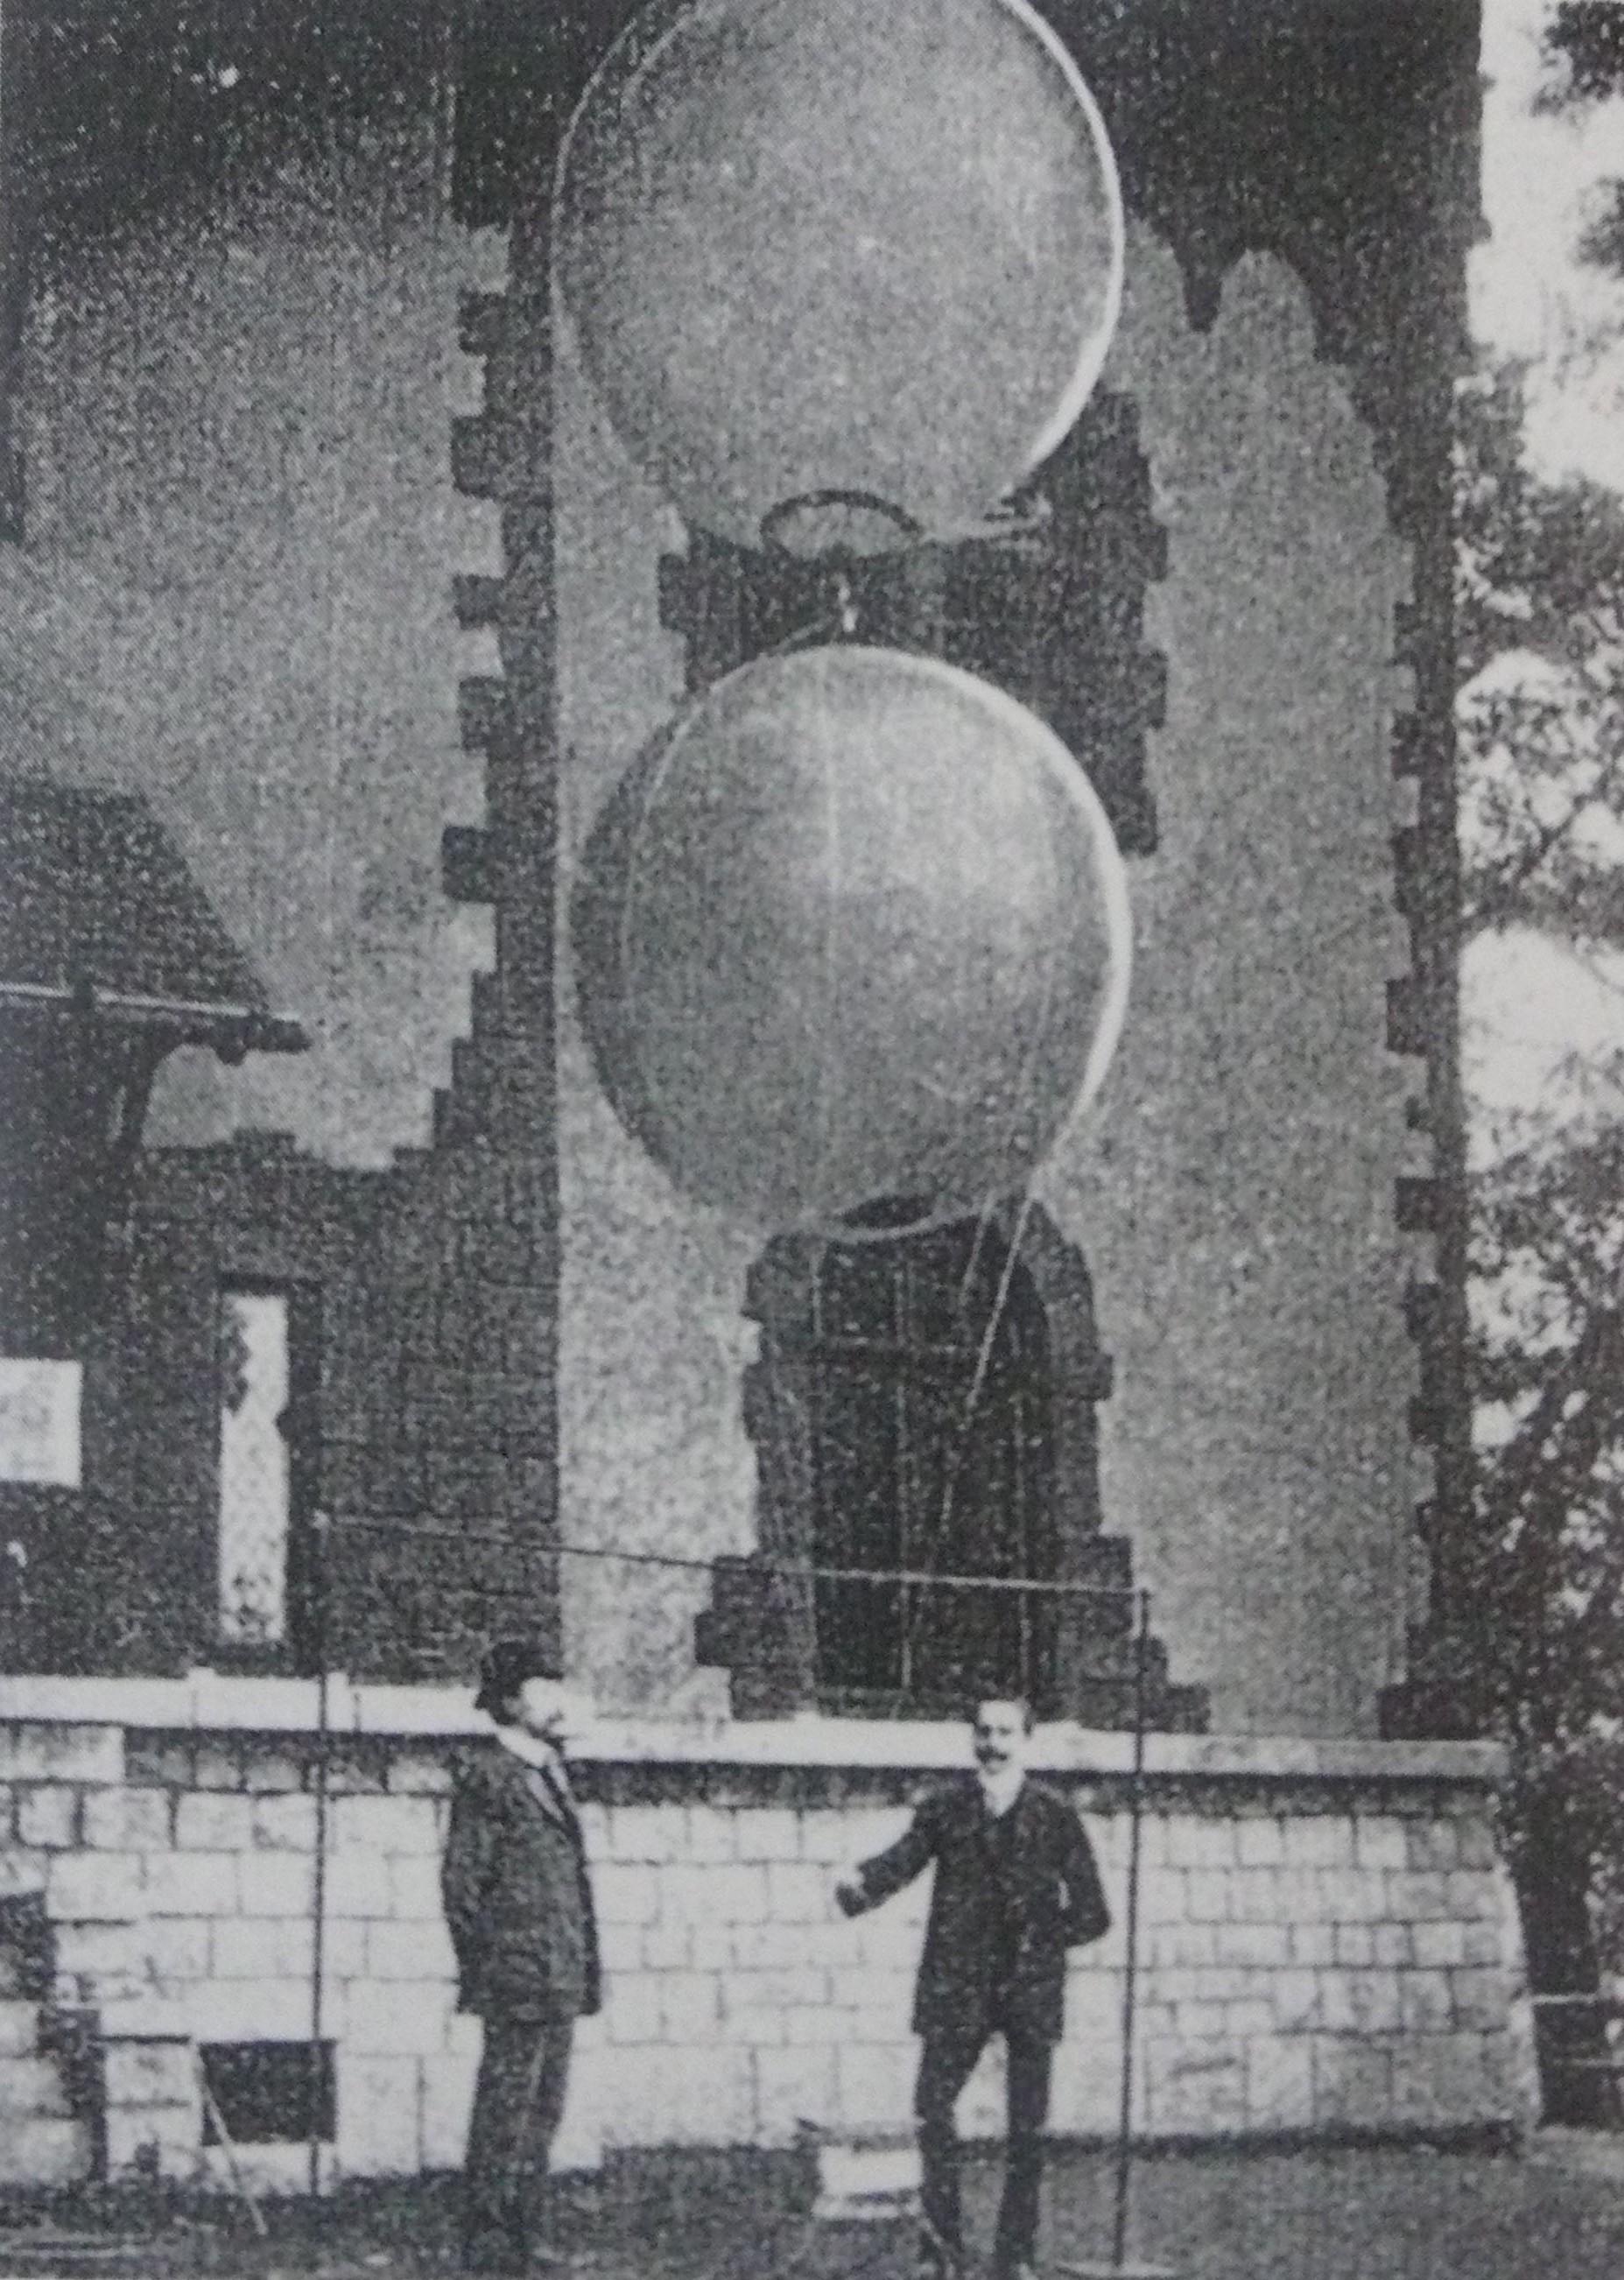 weerballon | Omhoog | Tijdschrift Terras